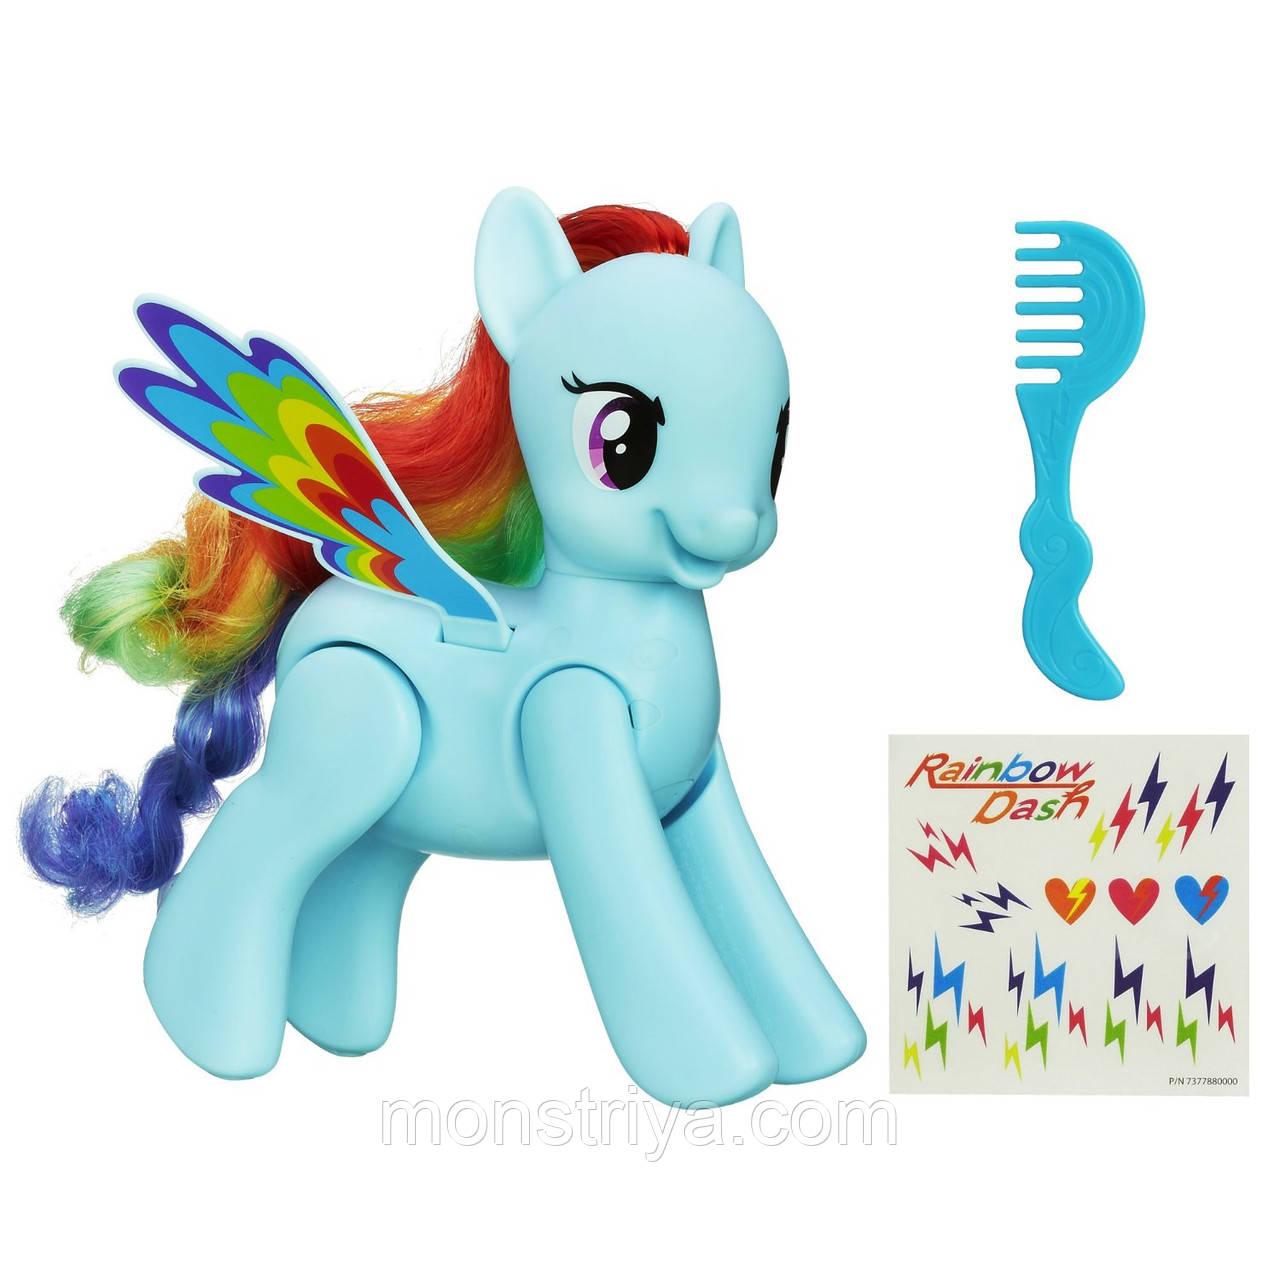 Пони Проворная Рейнбоу Дэш, делает сальто! My Little Pony Flip and Whirl Rainbow Dash Pony Fashion Doll Pet К